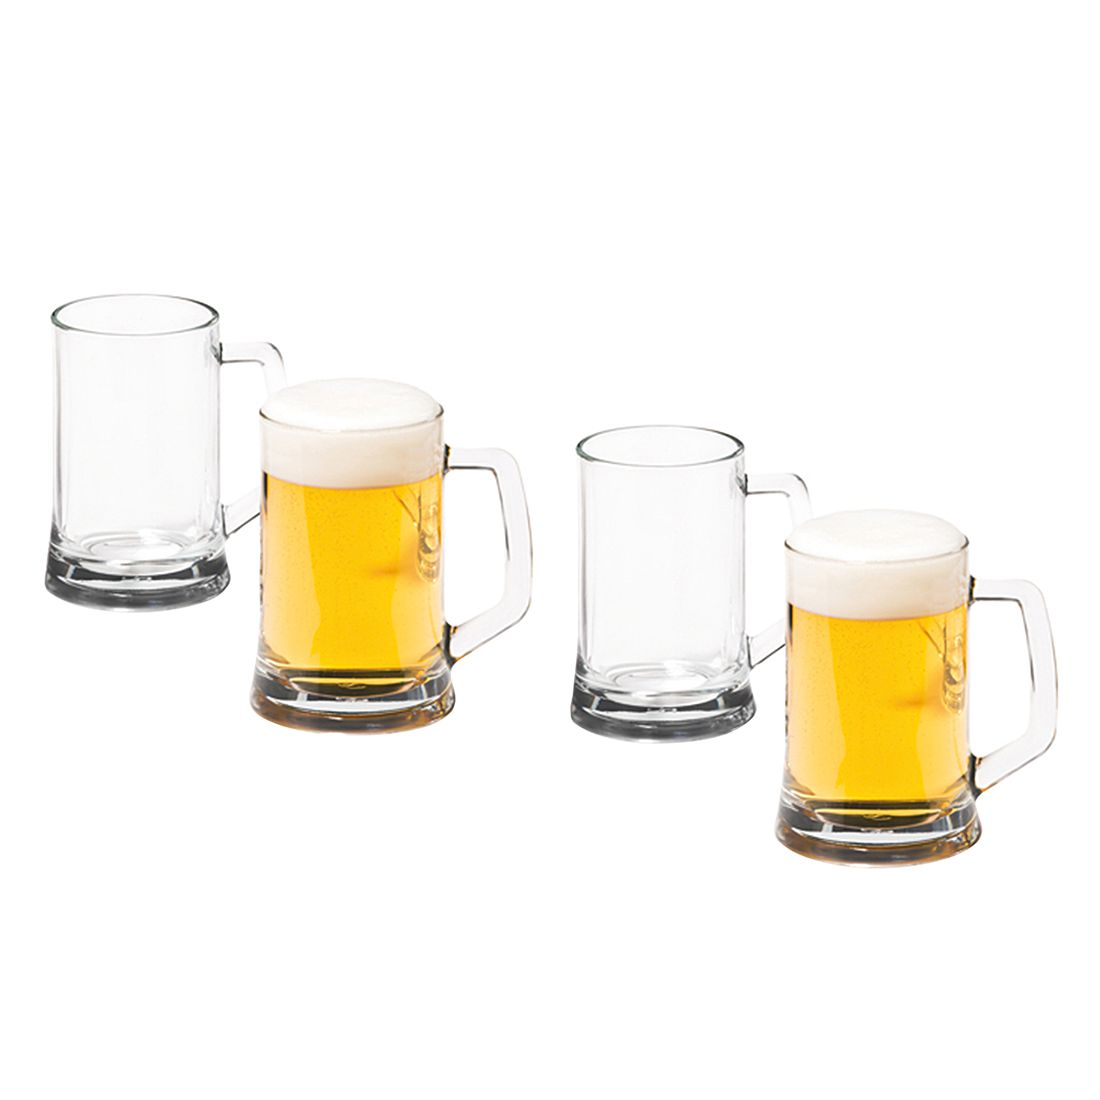 Bierseidel Beer Generation (4er-Set) – Klar, Leonardo günstig bestellen